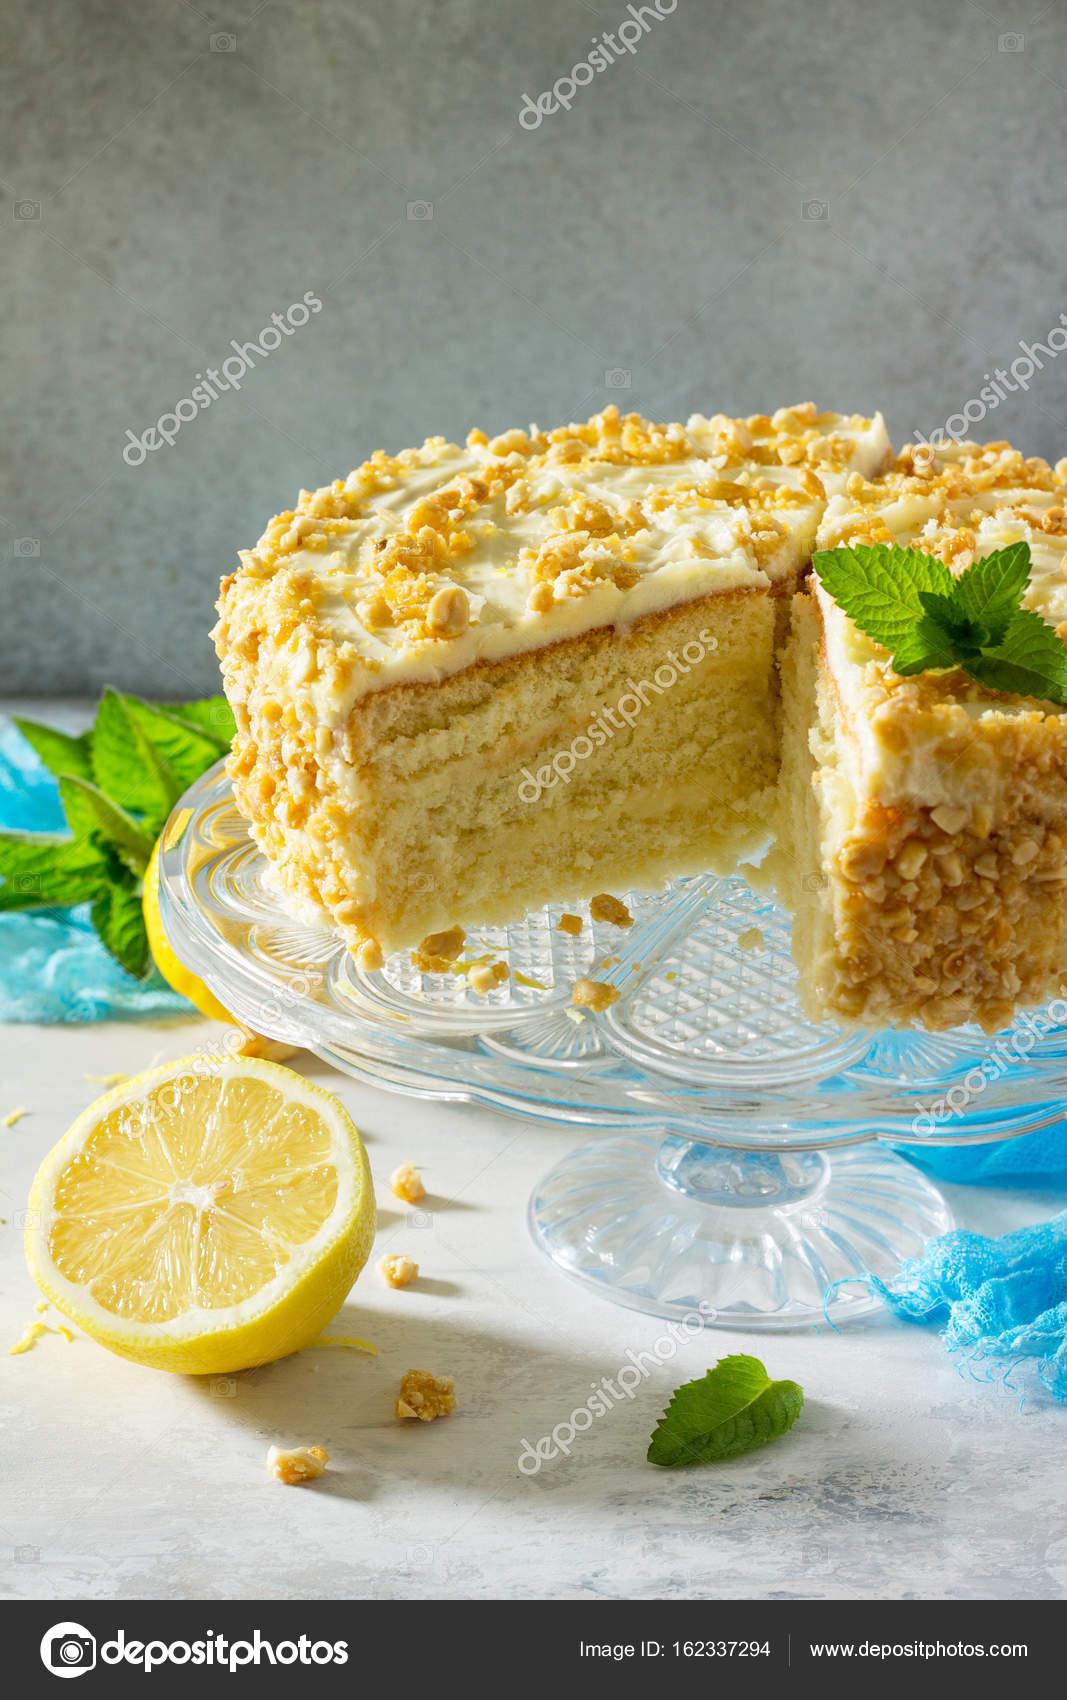 Kostliche Geburtstag Kuchen Zitrone Zwieback Und Butter Creme